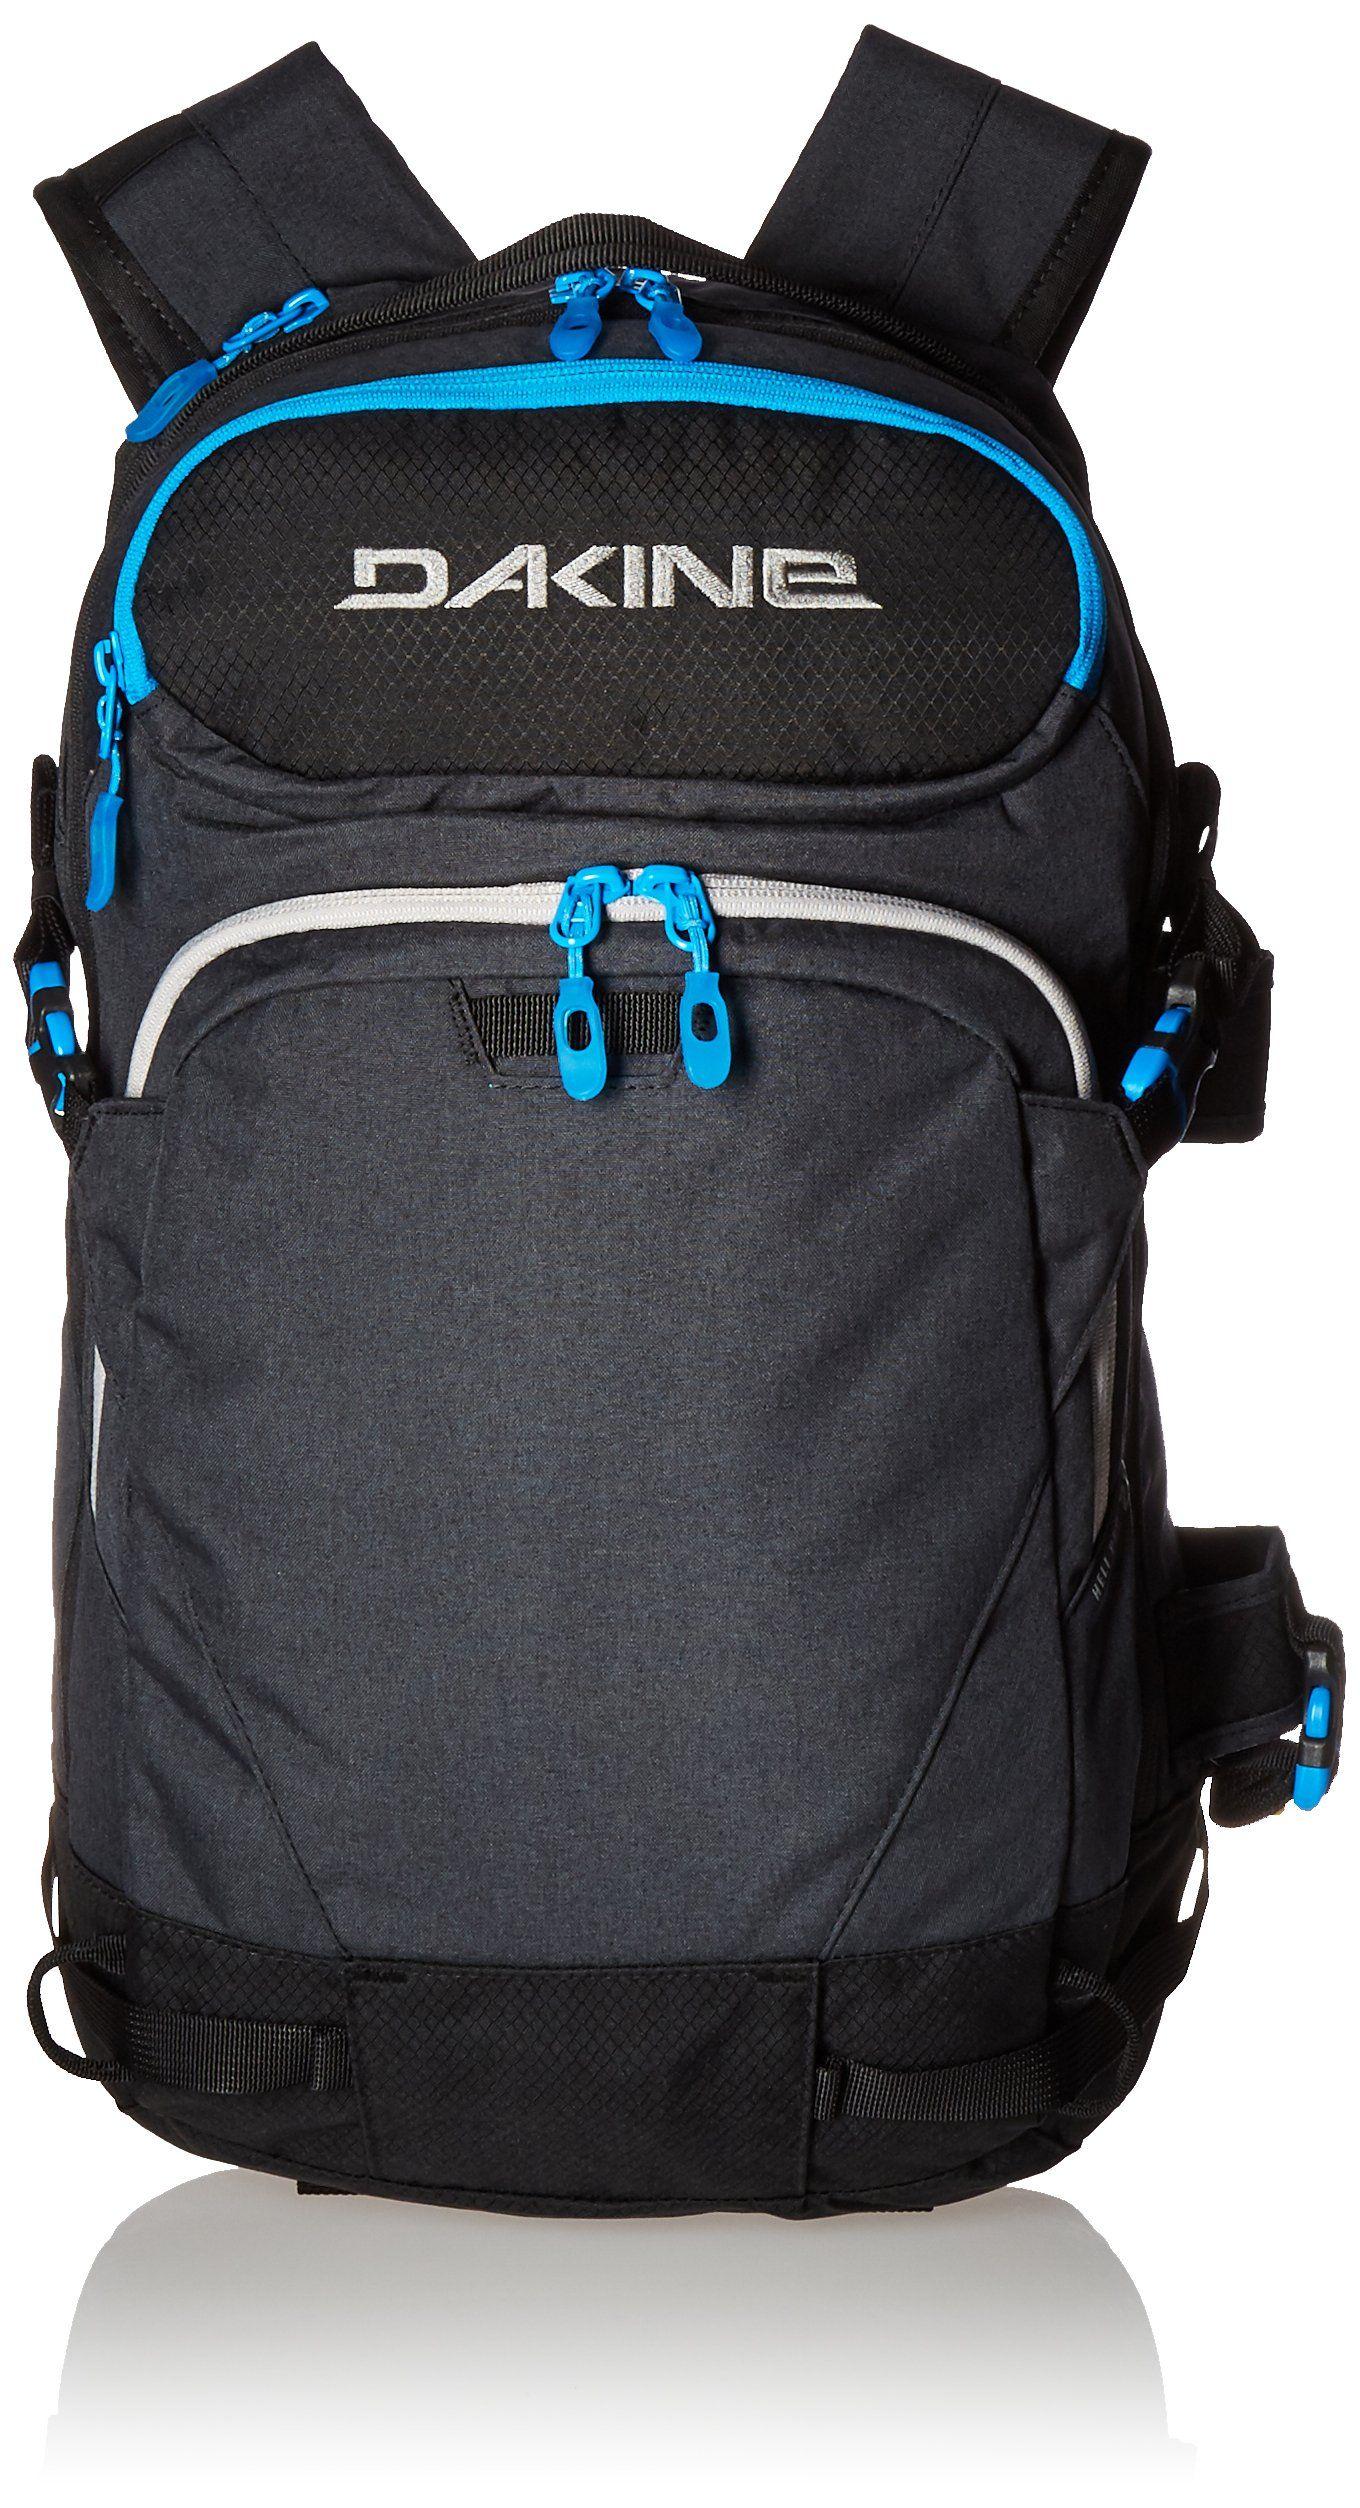 7cb76acd94af0 Dakine Heli Pro Backpack